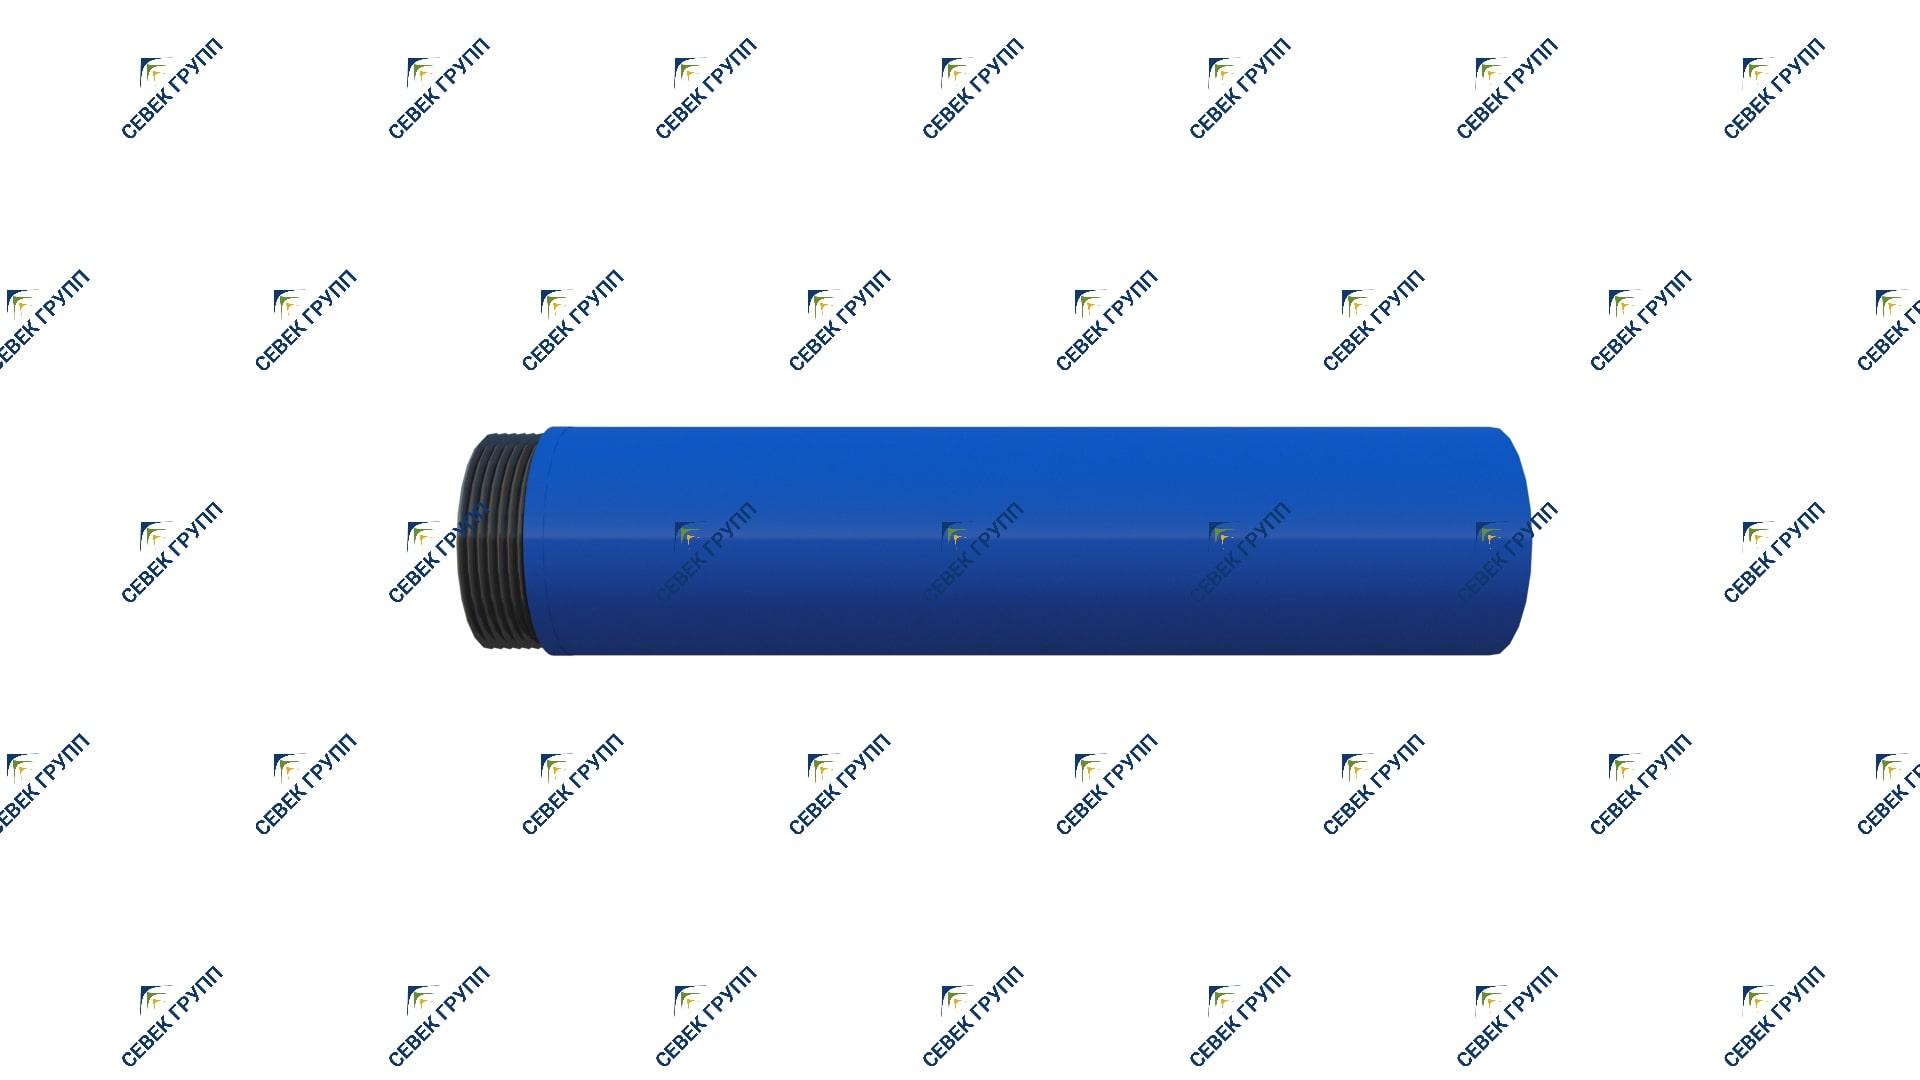 ТО-167-45-01 Труба Ду50